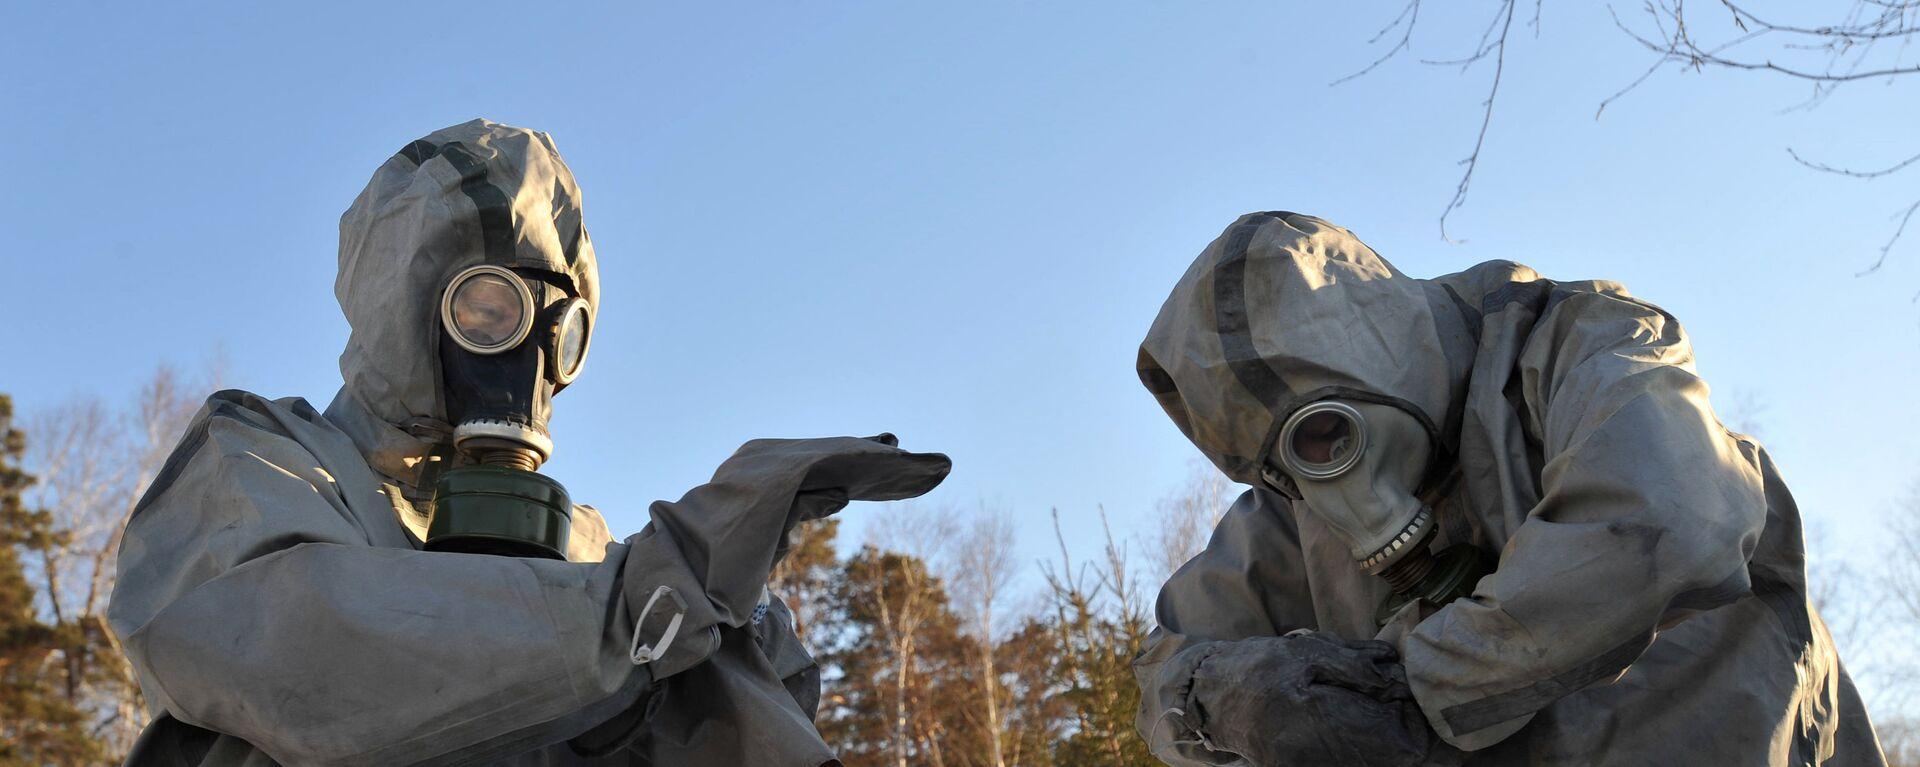 Спасатели в костюмах радиационной защиты, архивное фото - Sputnik Таджикистан, 1920, 27.01.2021